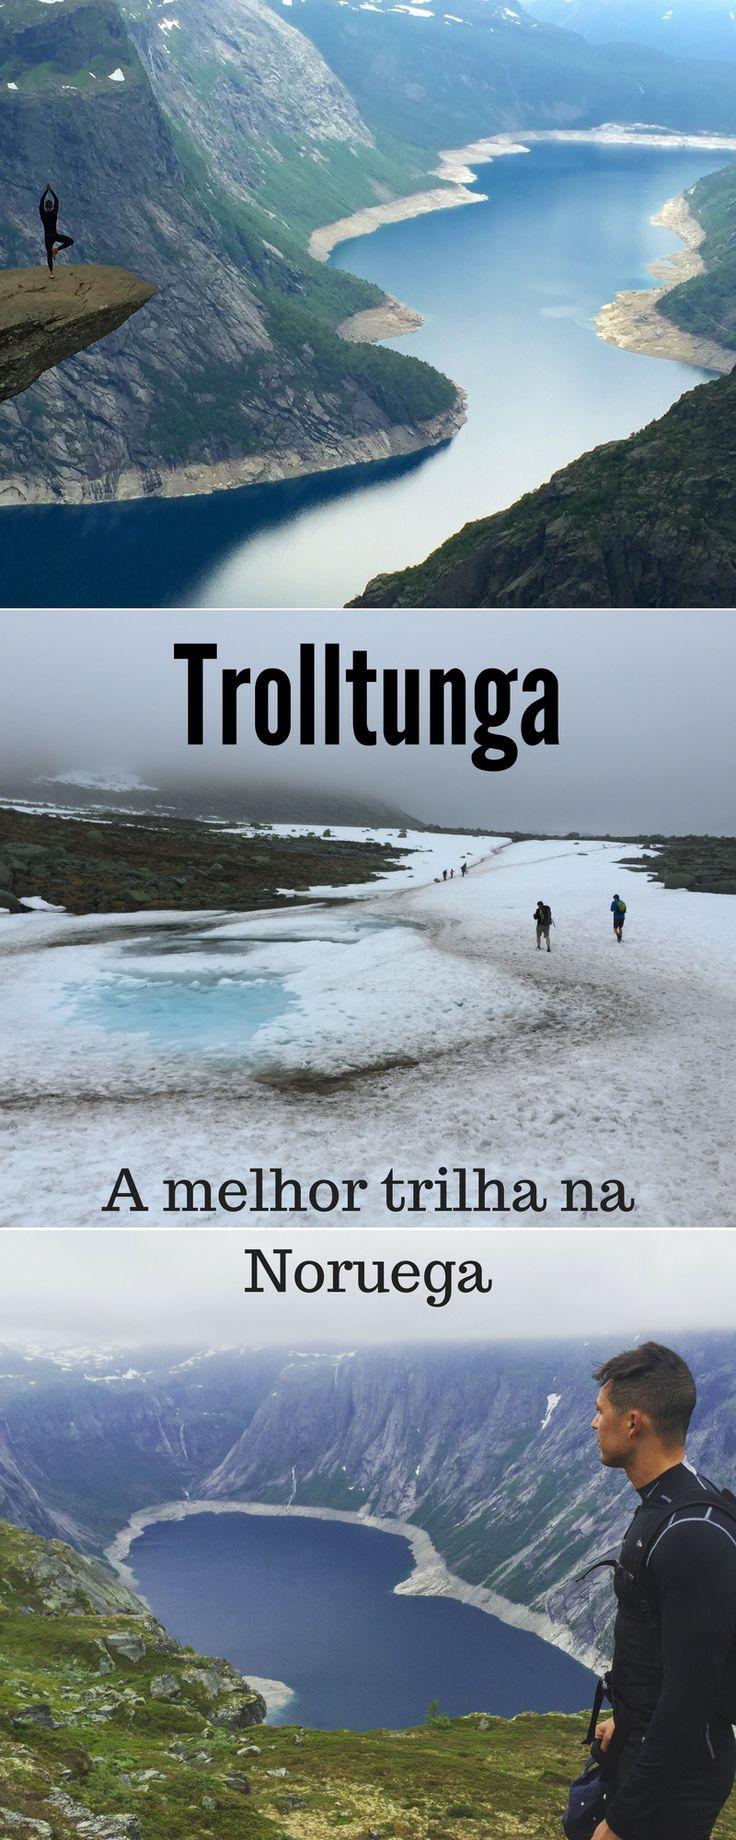 Todas as informações que você precisa para fazer a trilha Trolltunga, a melhor trilha na Noruega.